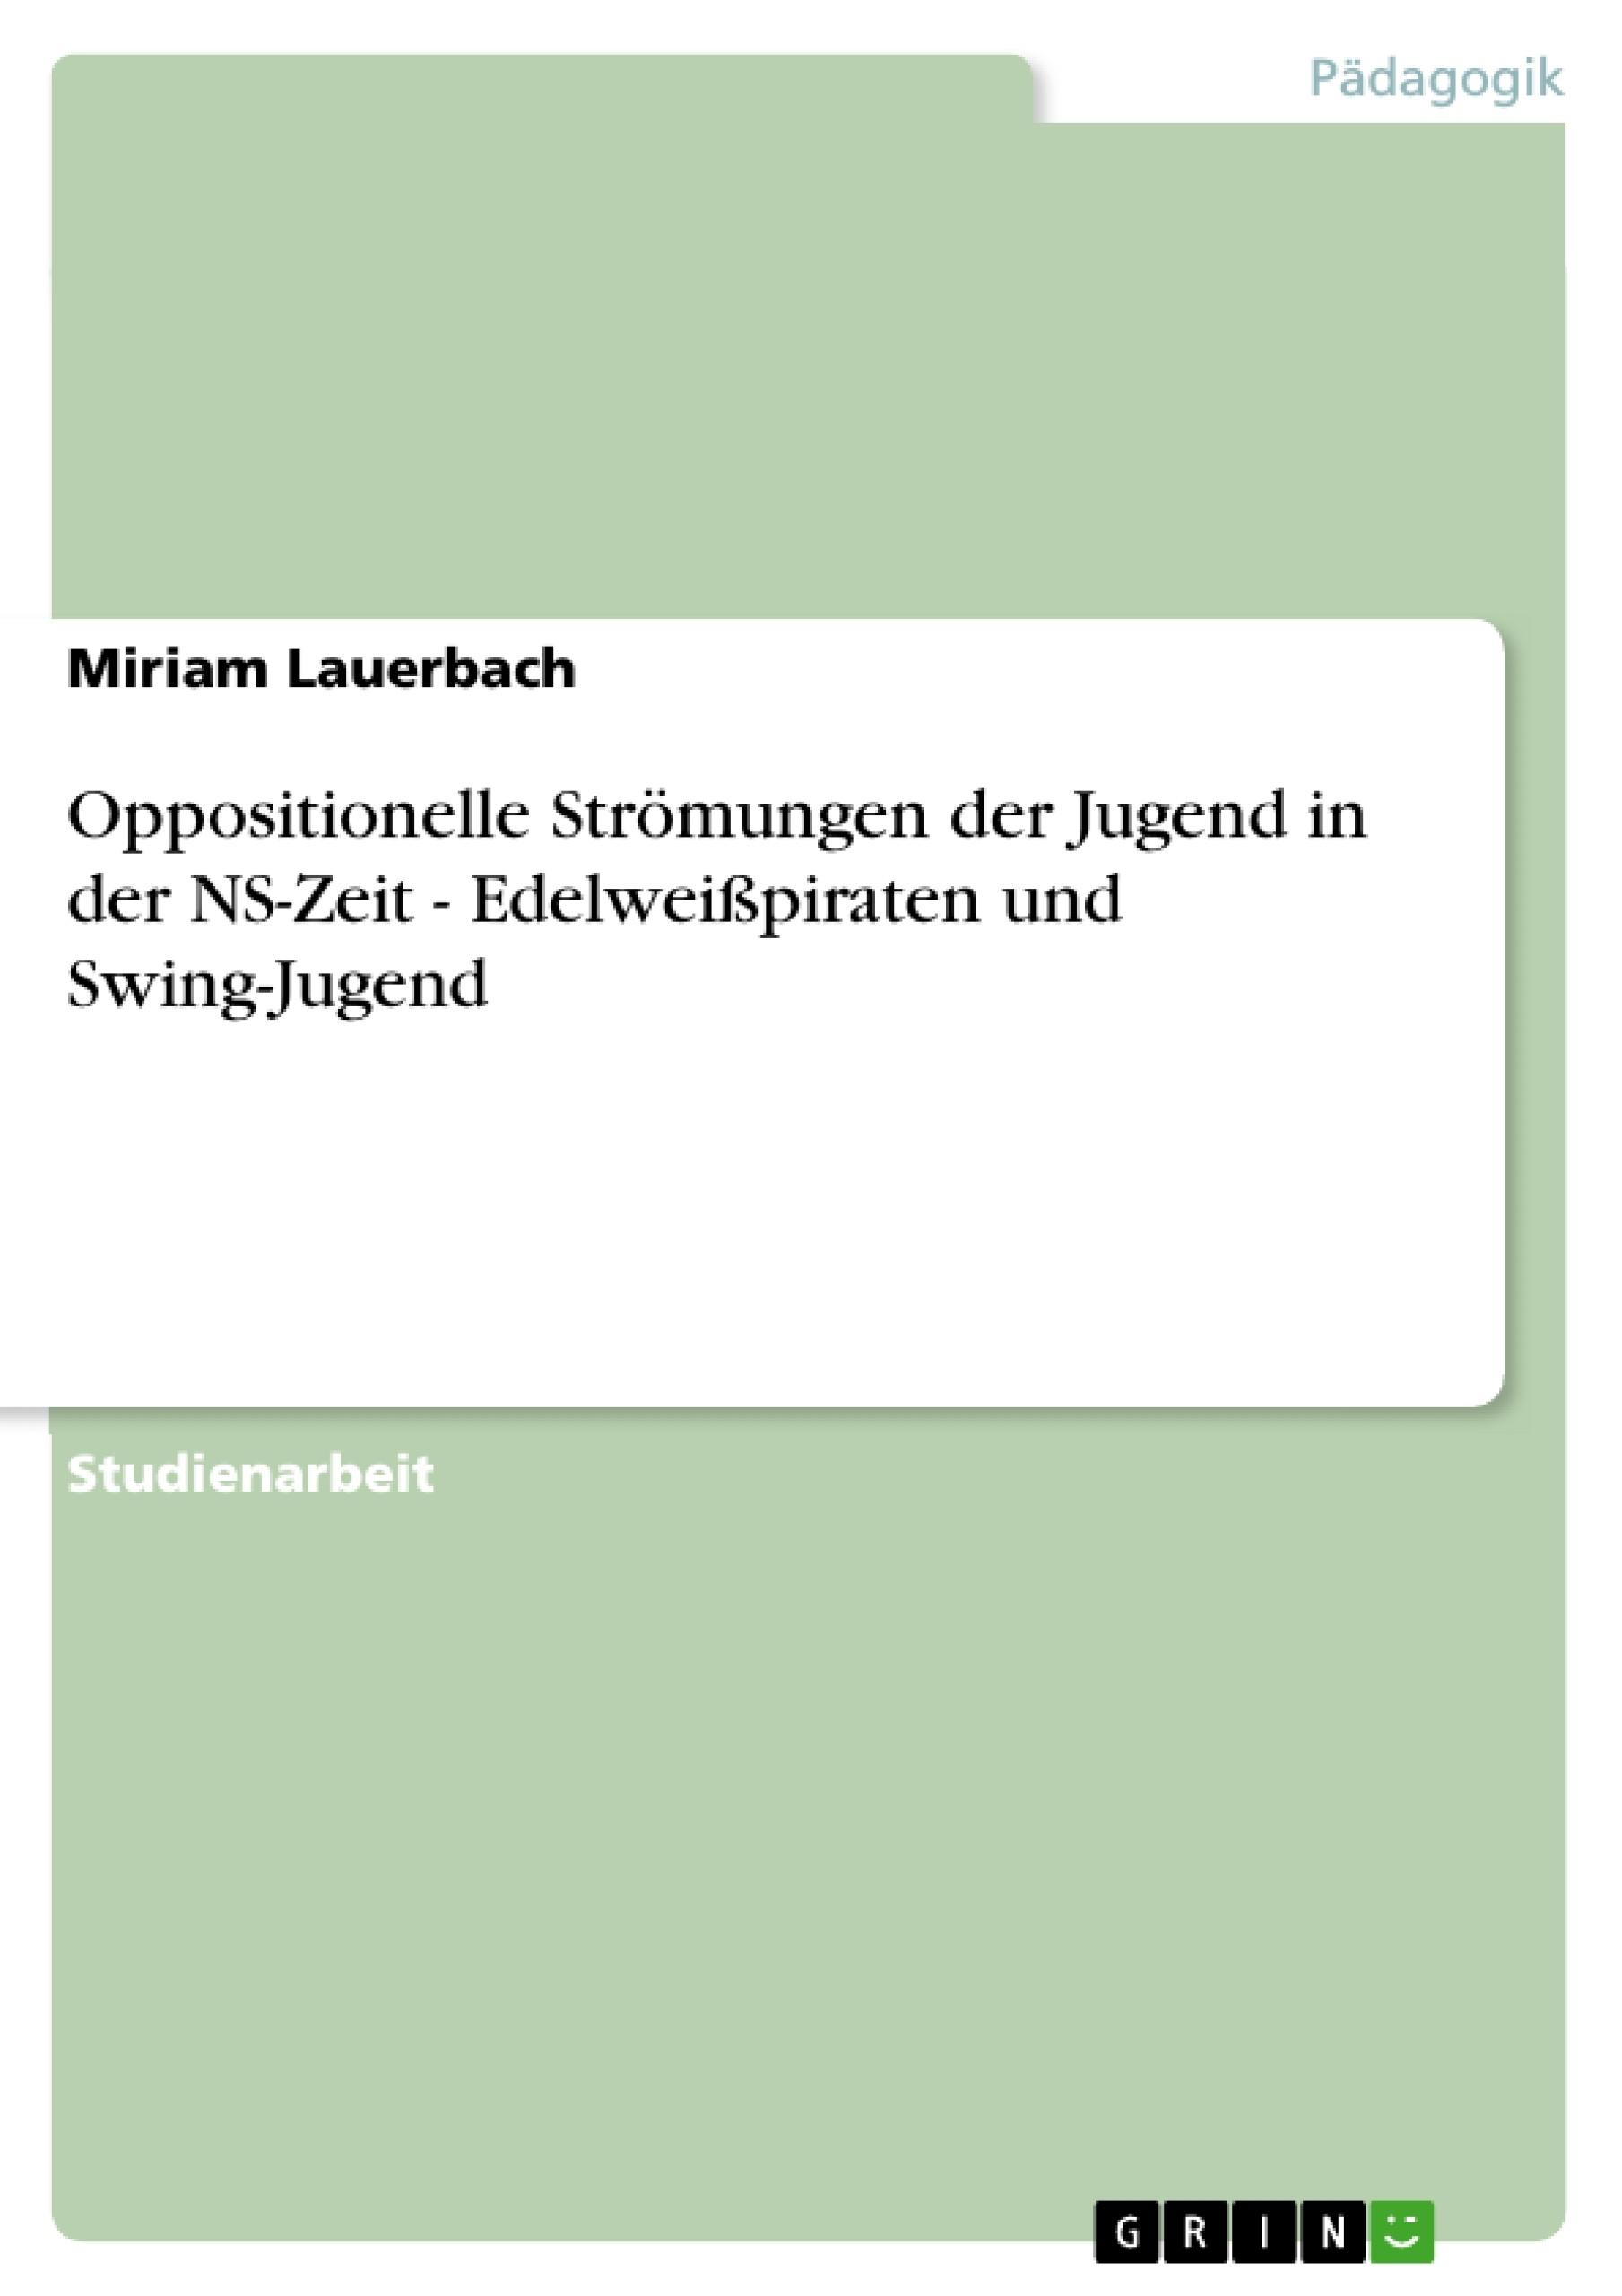 Titel: Oppositionelle Strömungen der Jugend in der NS-Zeit - Edelweißpiraten und Swing-Jugend